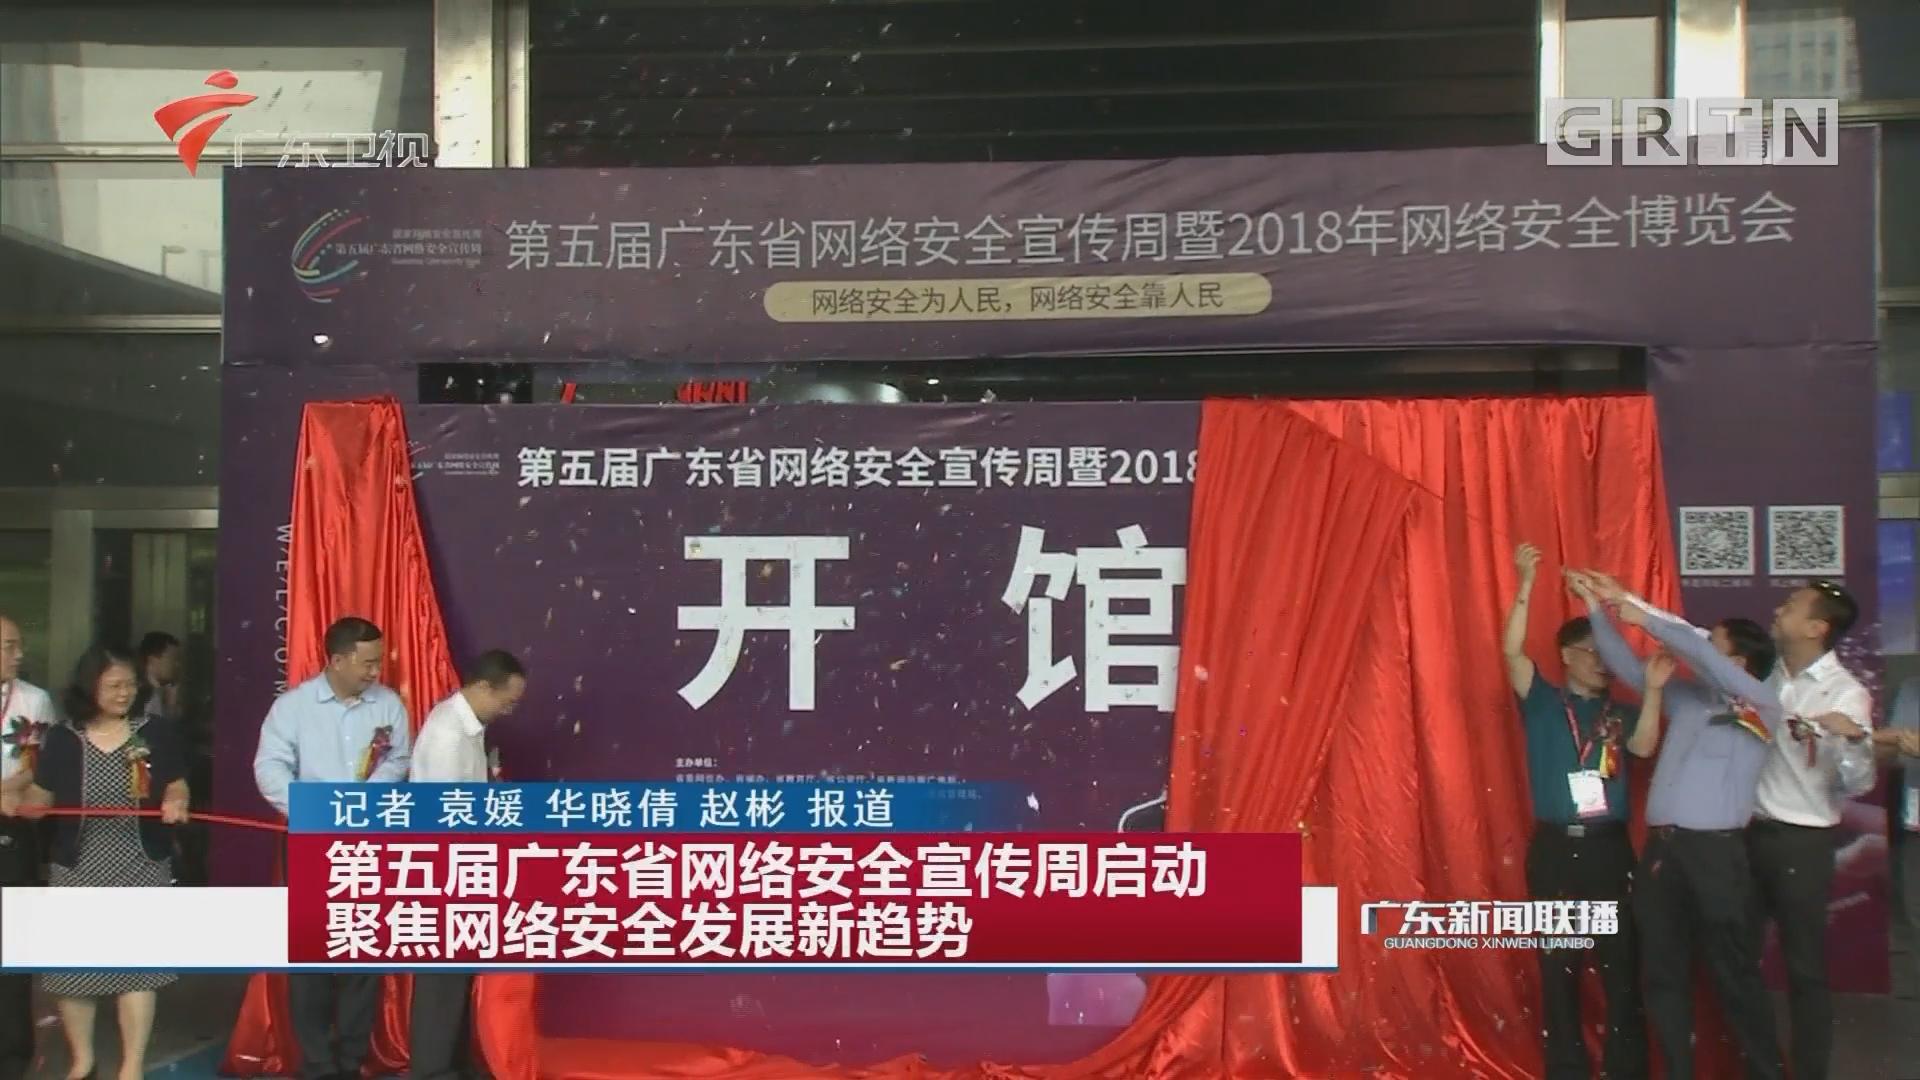 第五届广东省网络安全宣传周启动 聚焦网络安全发展新趋势